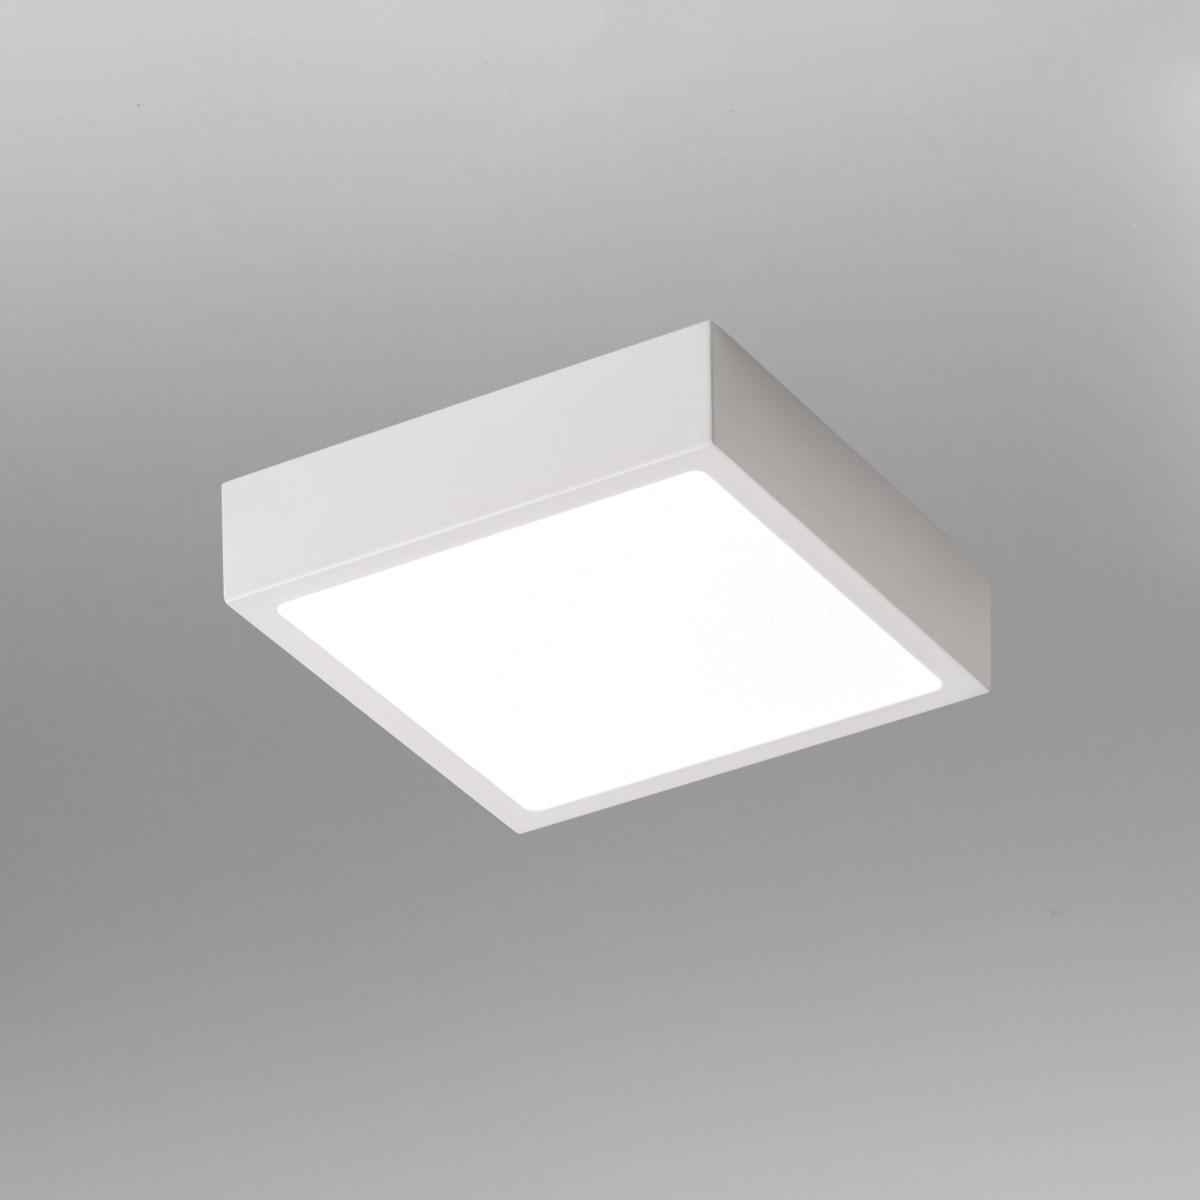 Lupia Licht Venox Deckenleuchte, 17 x 17 cm, weiß